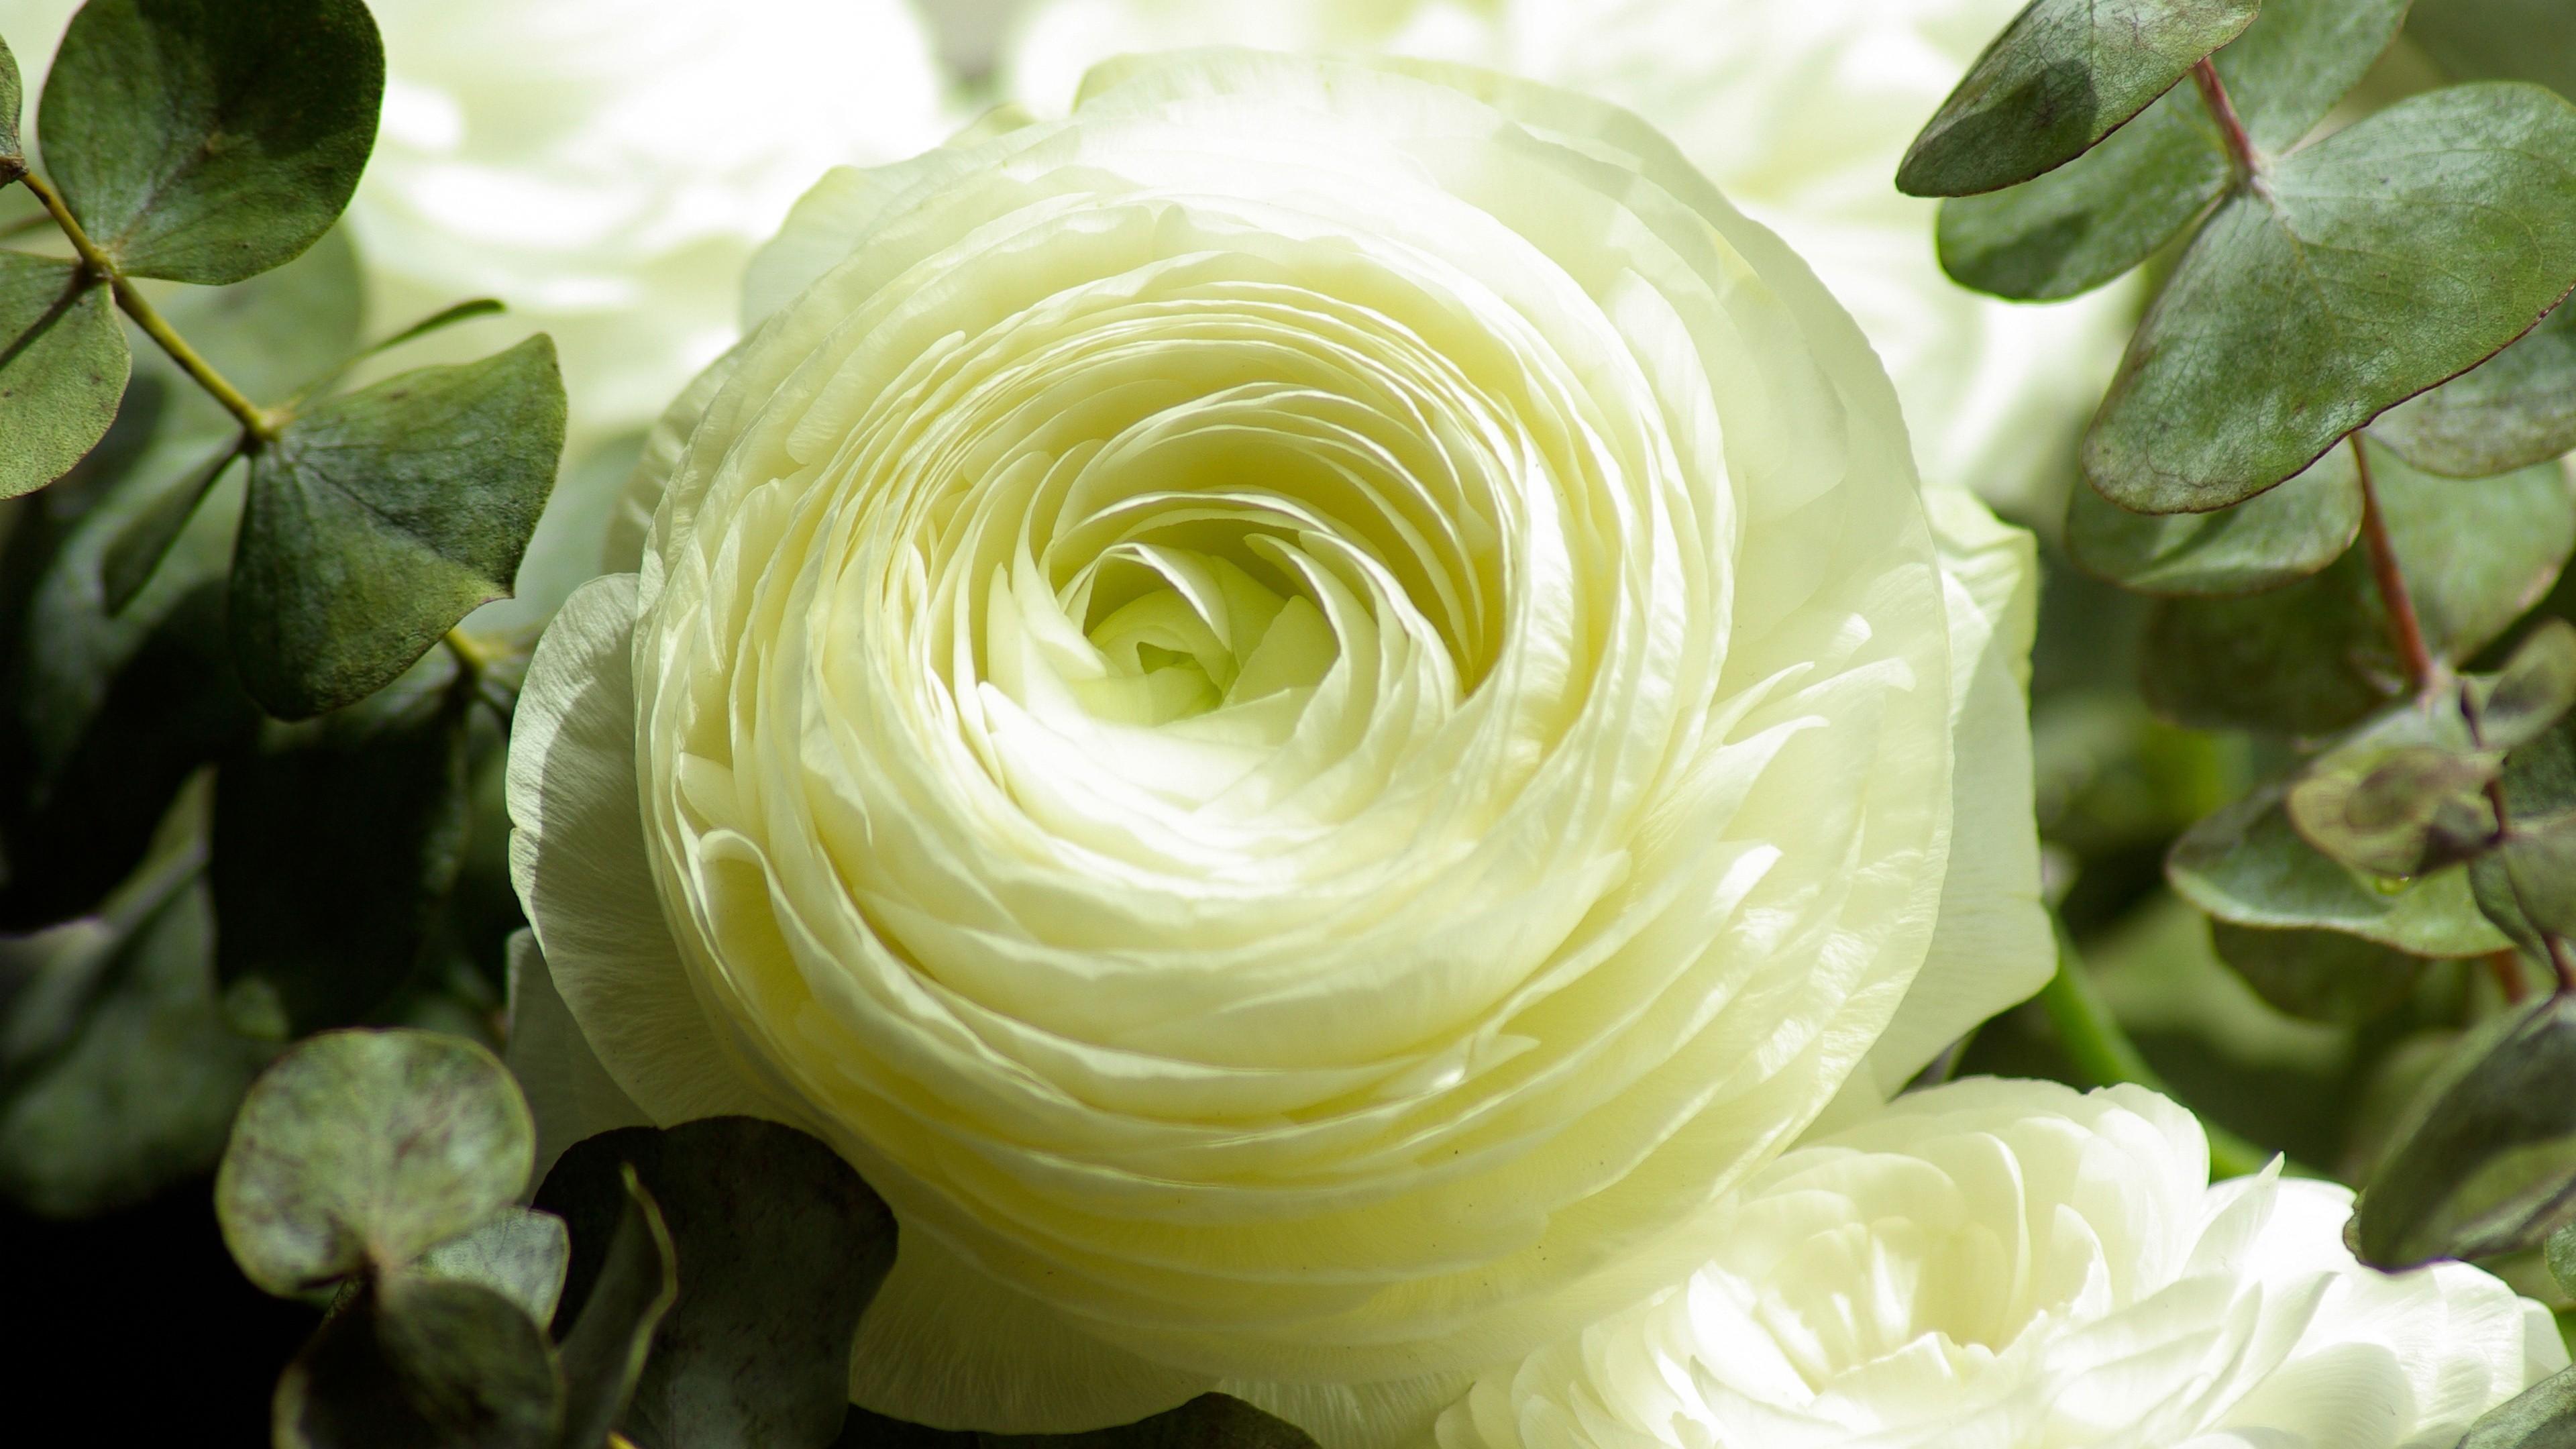 махов белые цветы на зеленом фоне фото высокого разрешения нас можете приобрести